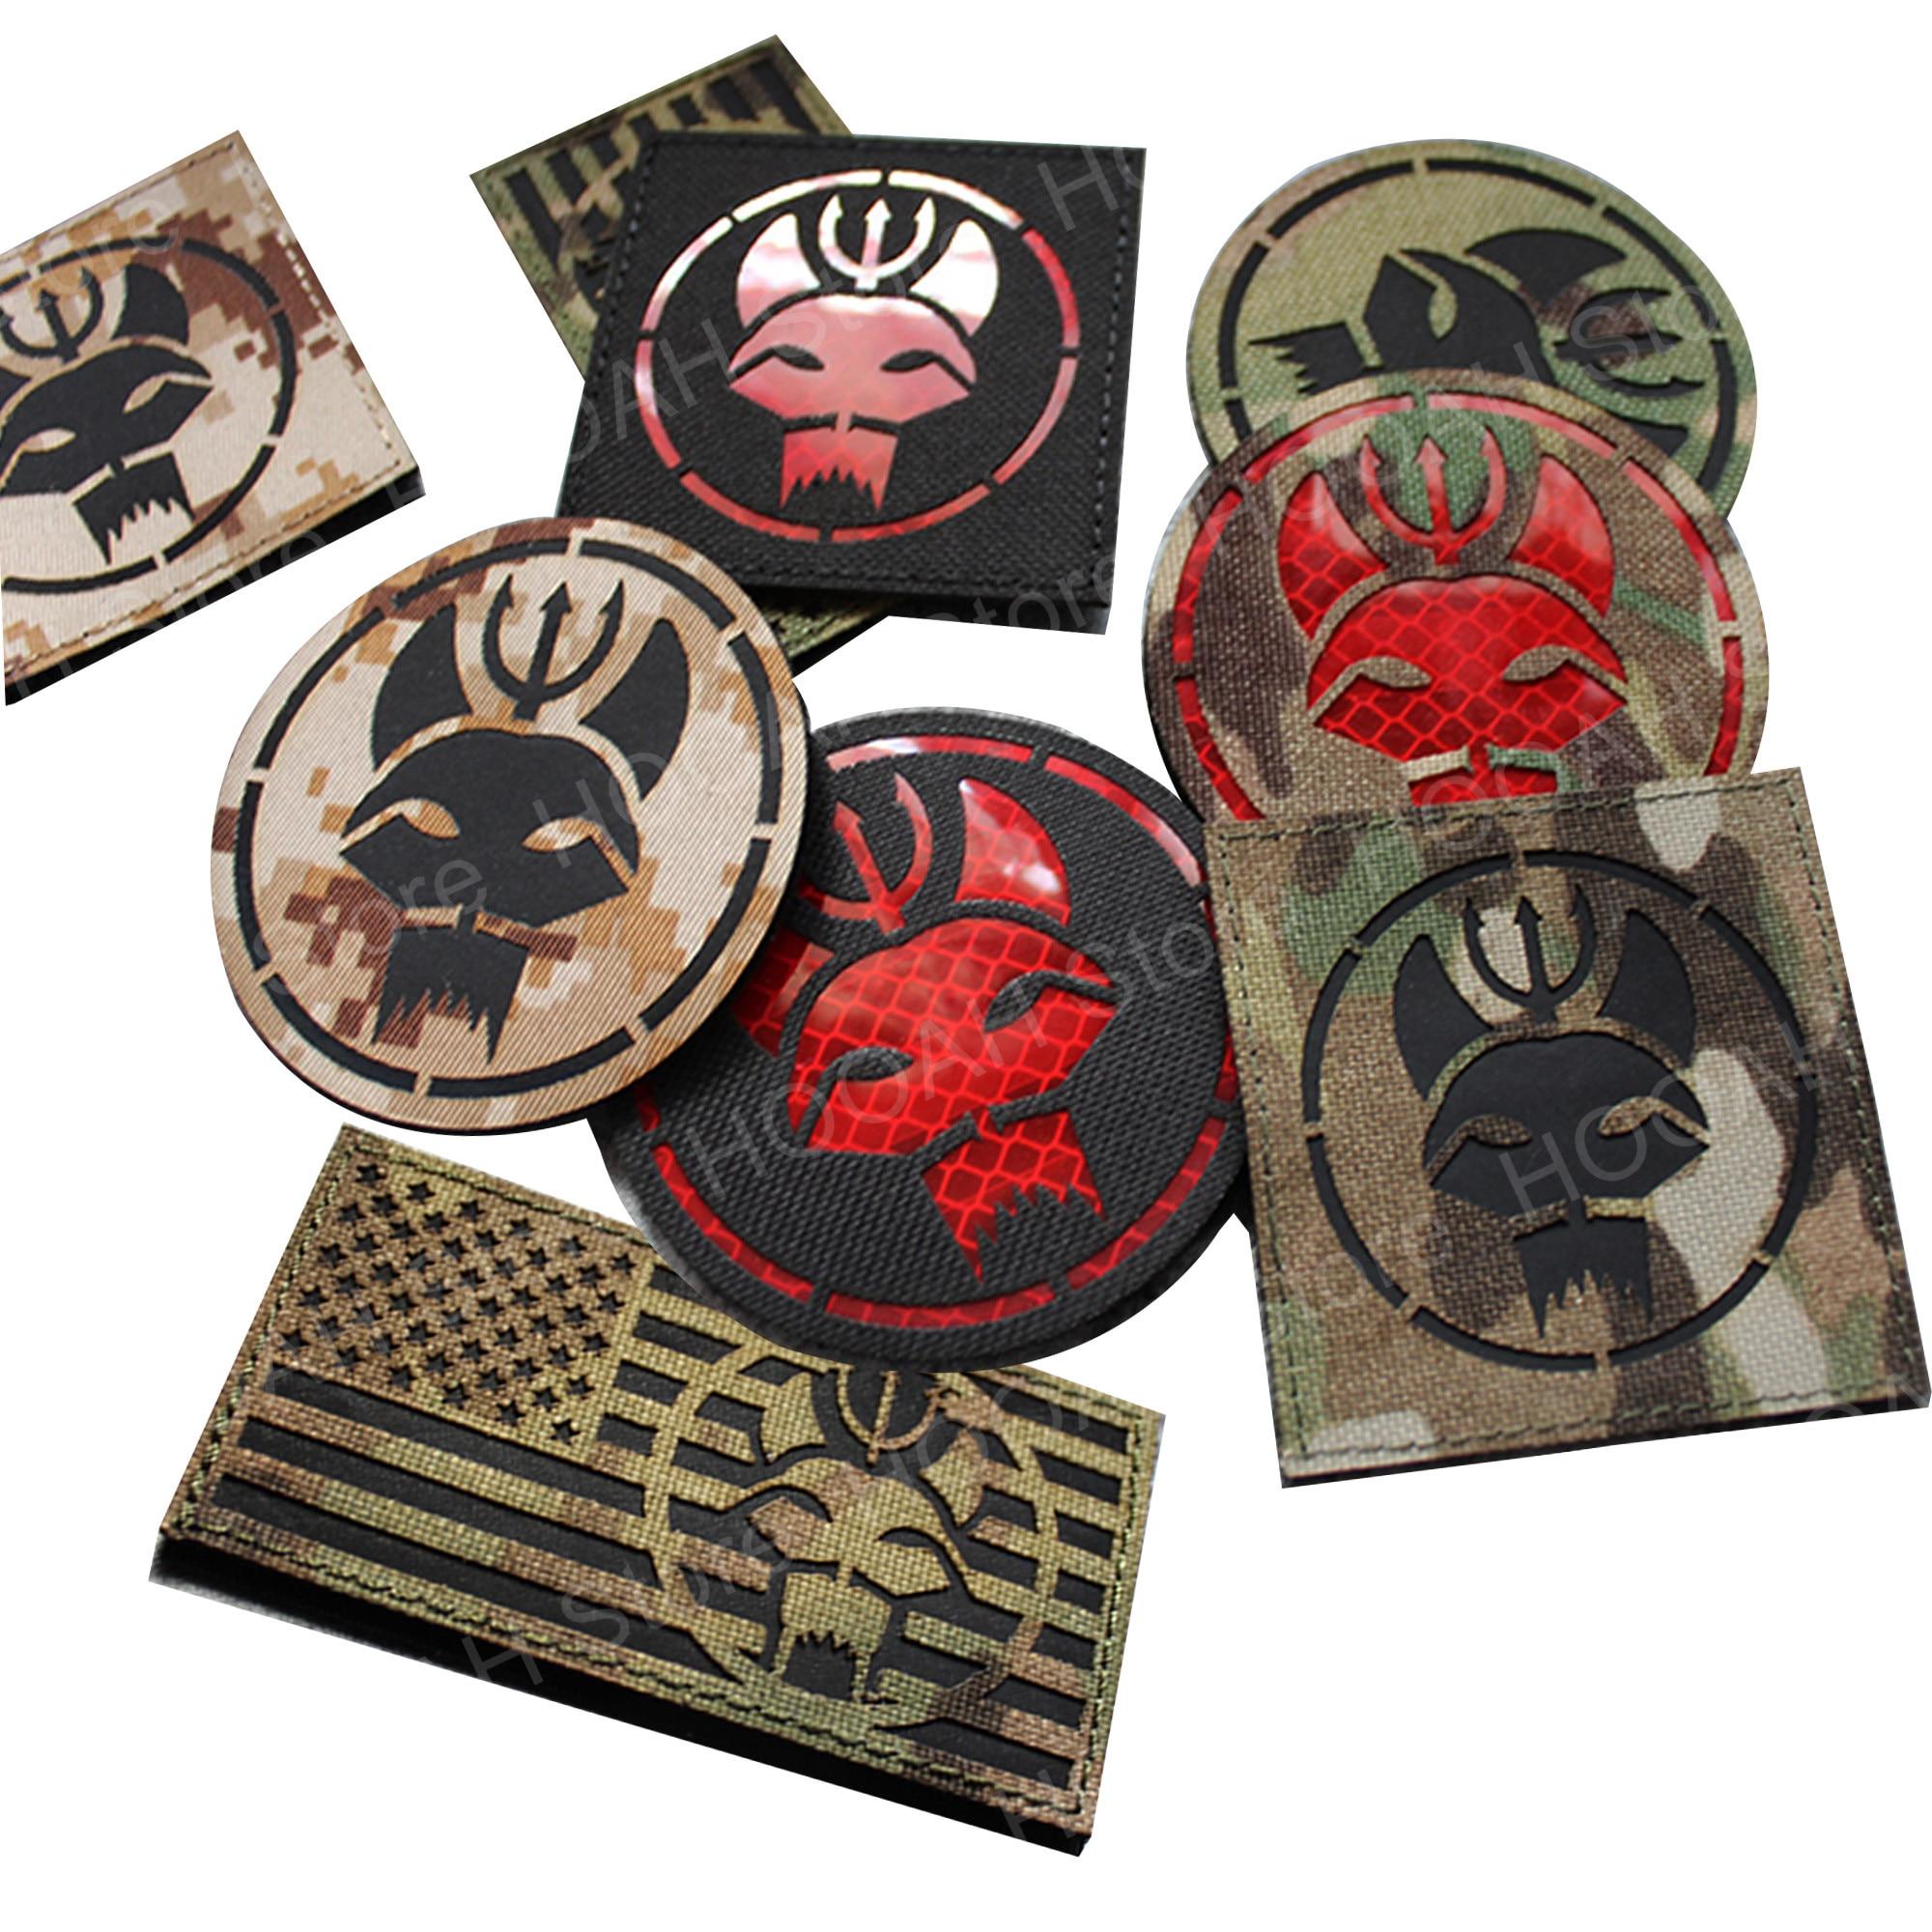 Gancho reflexivo do remendo do emblema do remendo do pc camo militar/laço dos remendo infravermelhos da marinha dos selos do ir da equipe do selo swat inverteu remendos